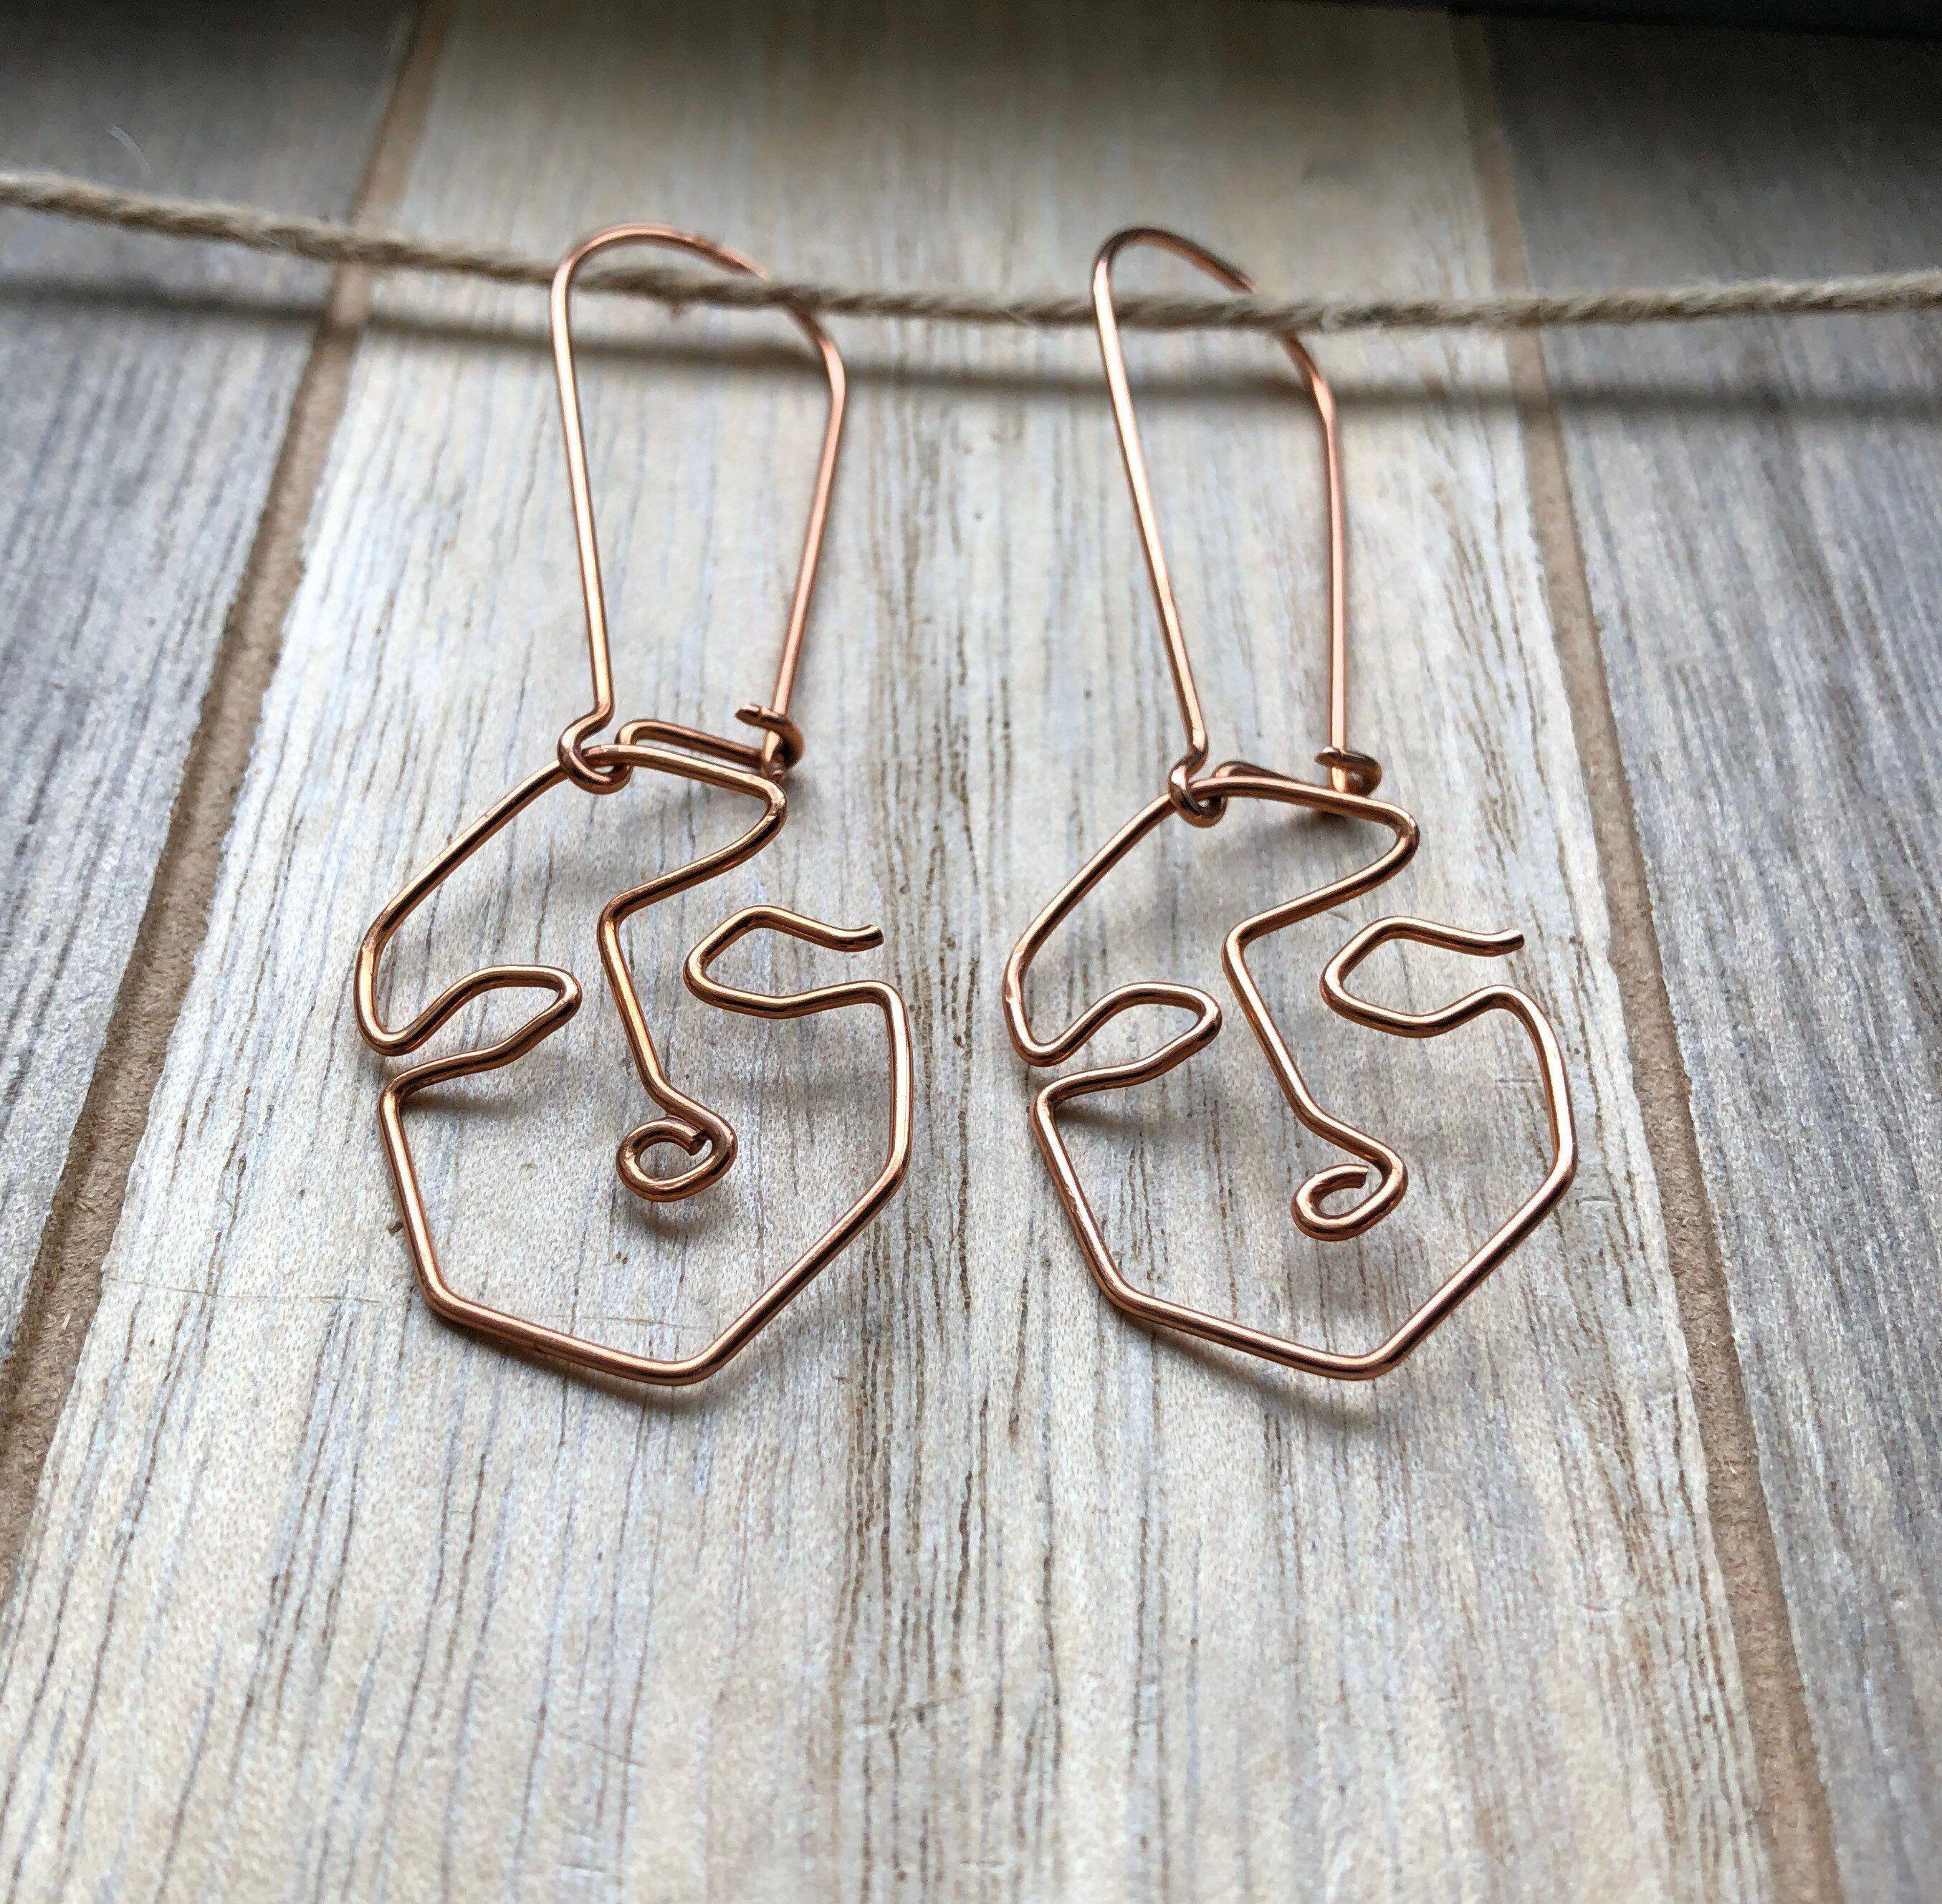 Abstract face earrings wire earrings copper earrings dangle | Etsy